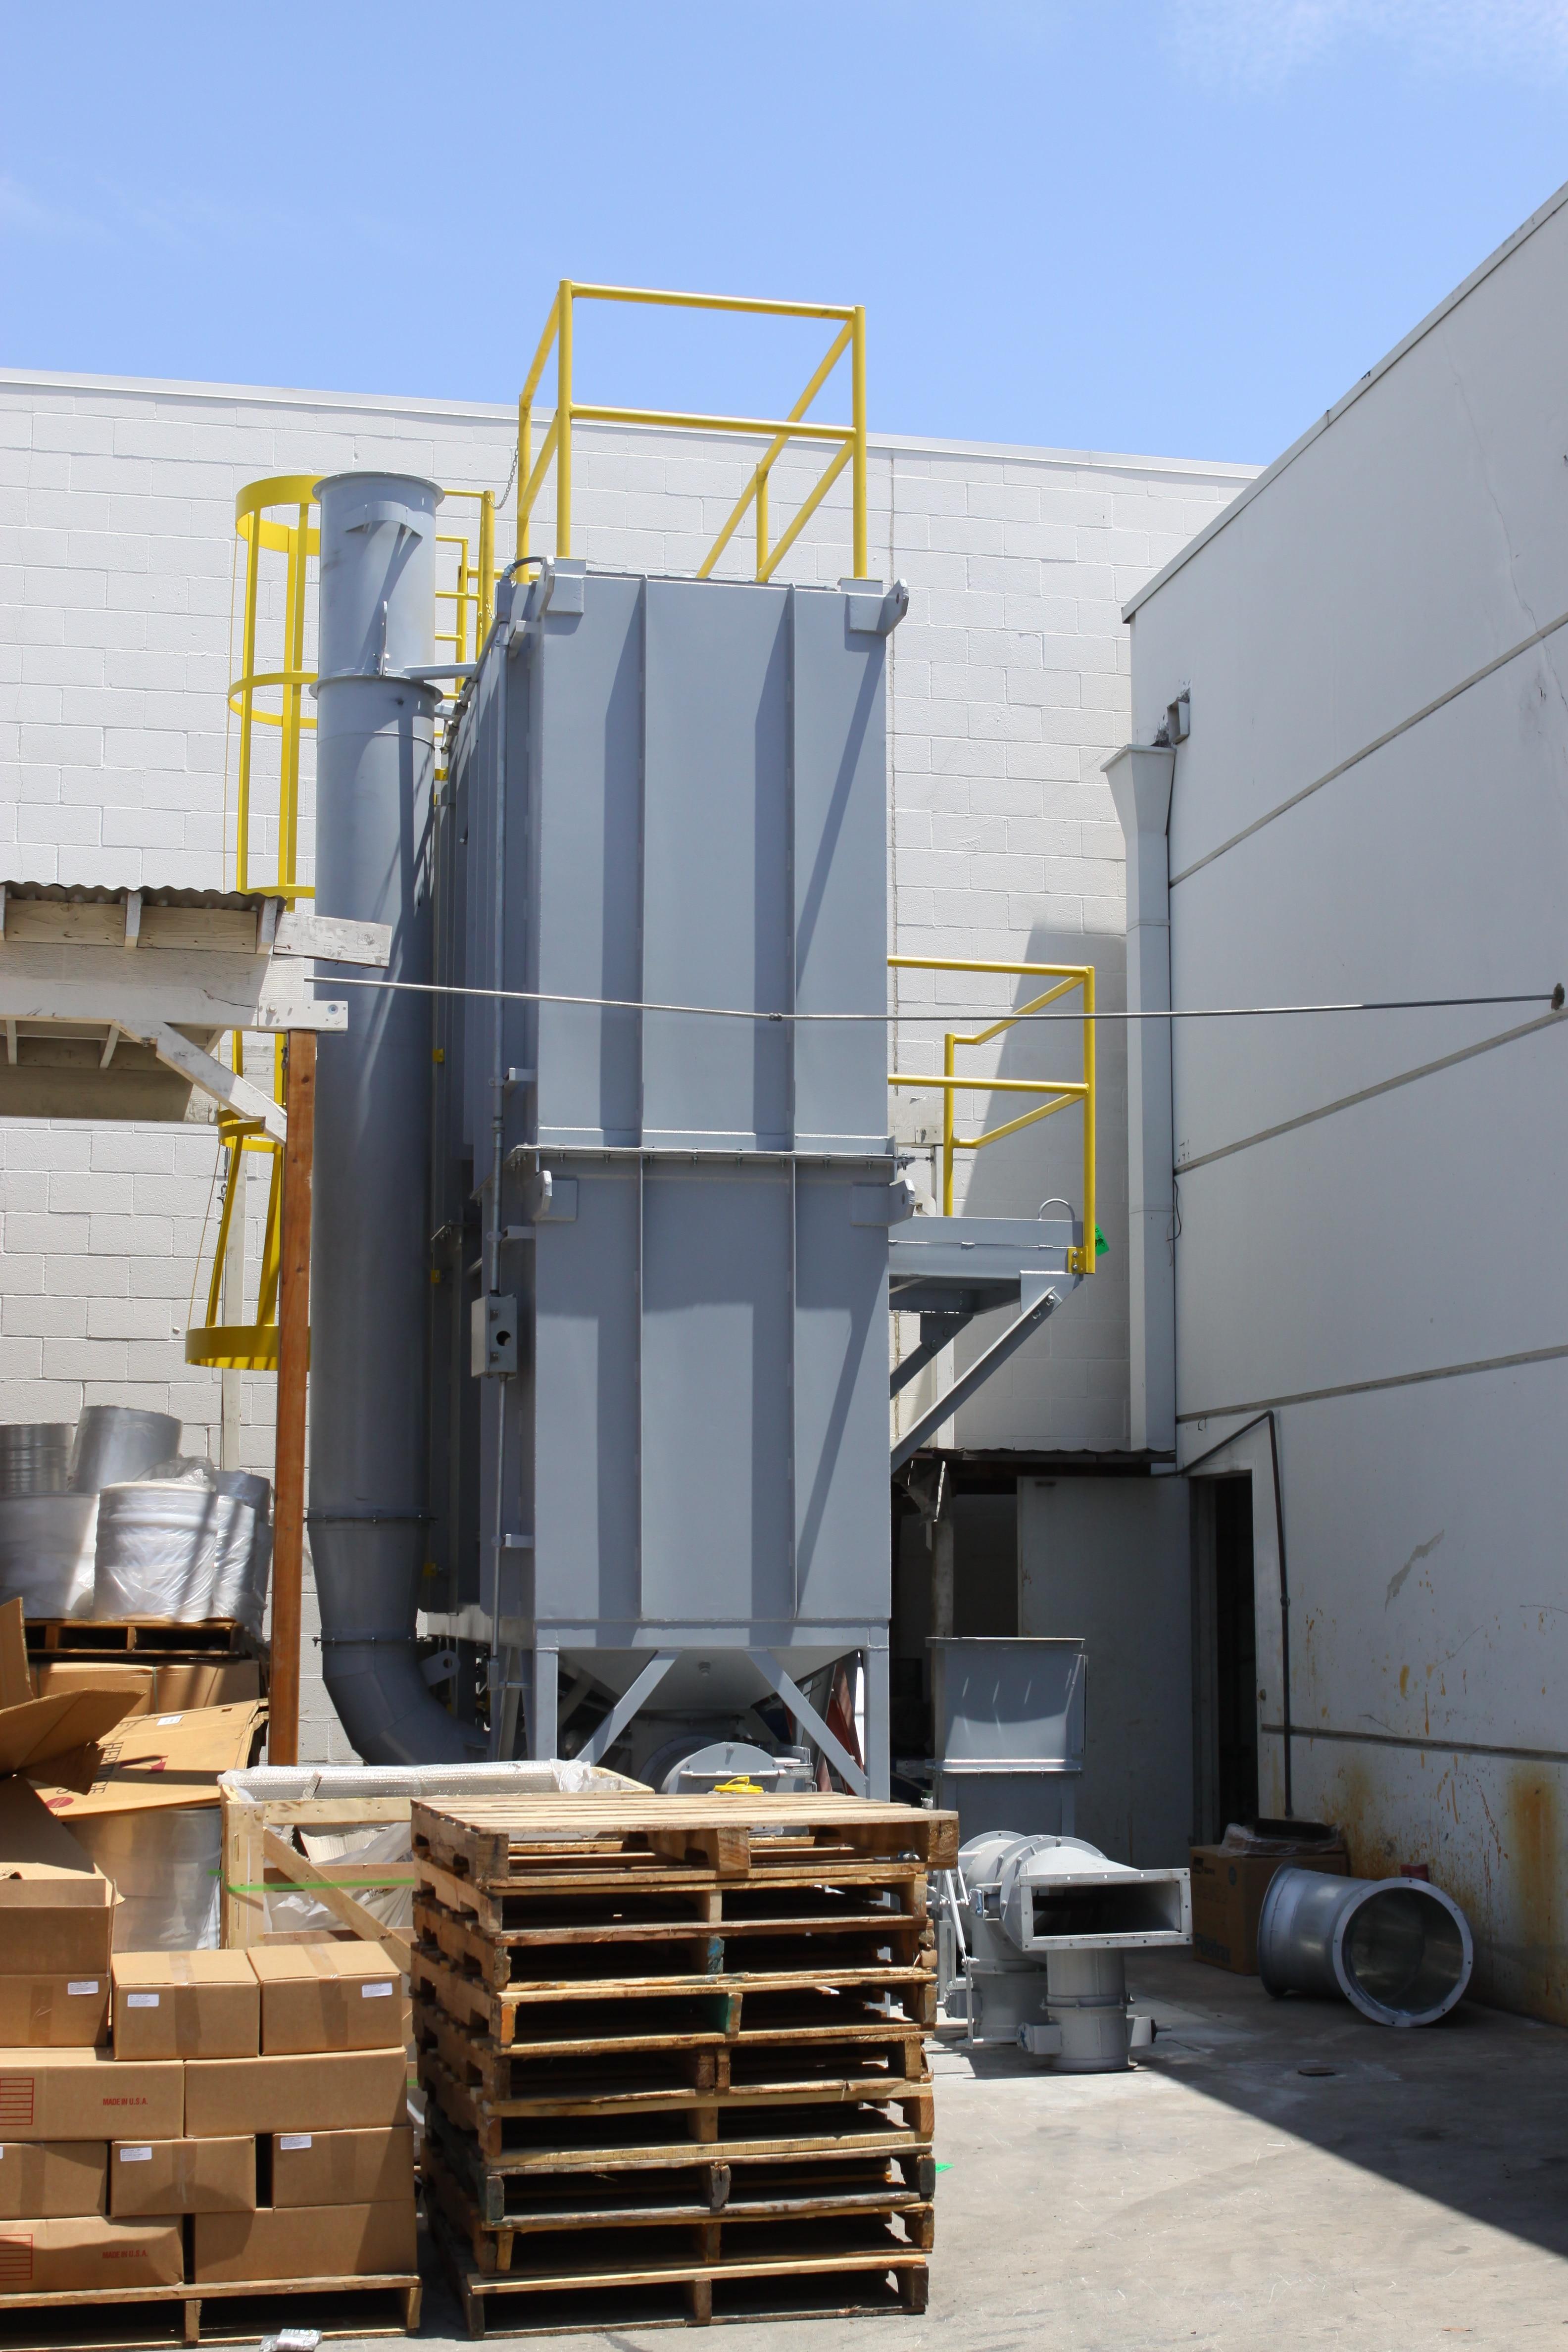 3K RTO 13,000 SCFM Regenerative Thermal Oxidizer